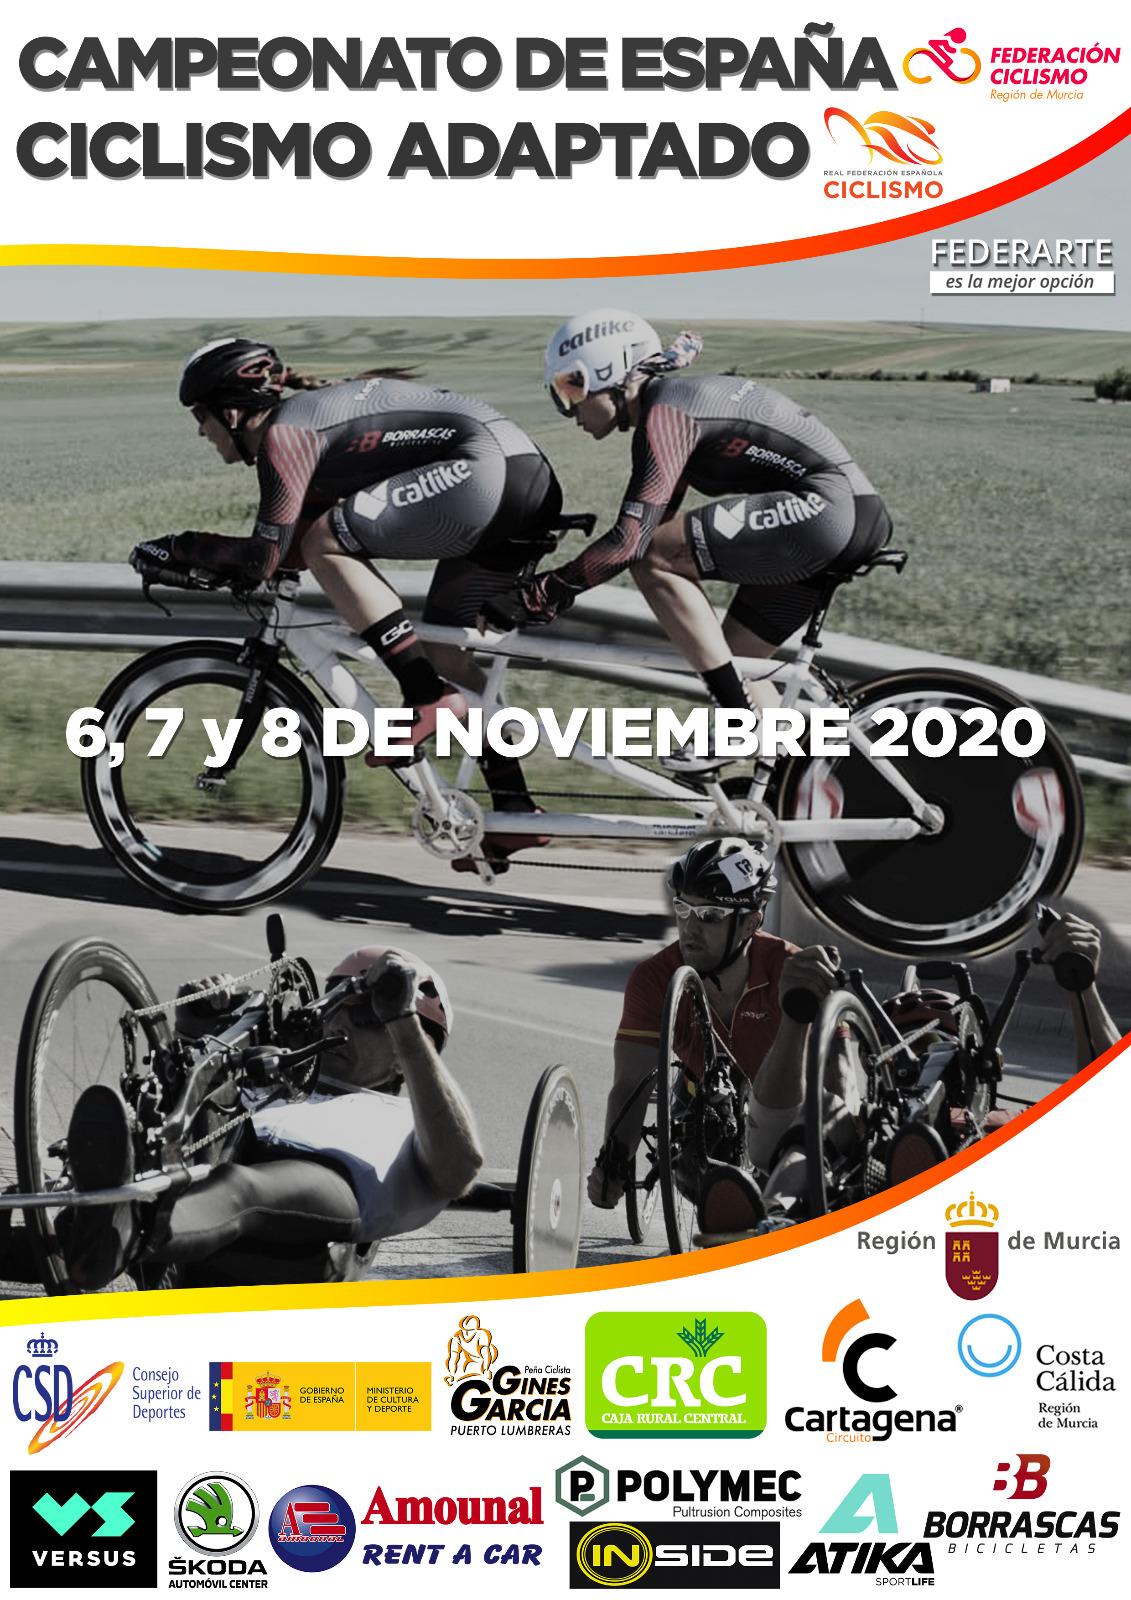 El Ciclismo Adaptado madrileño, con toda la artillería en los Nacionales de ruta de Cartagena